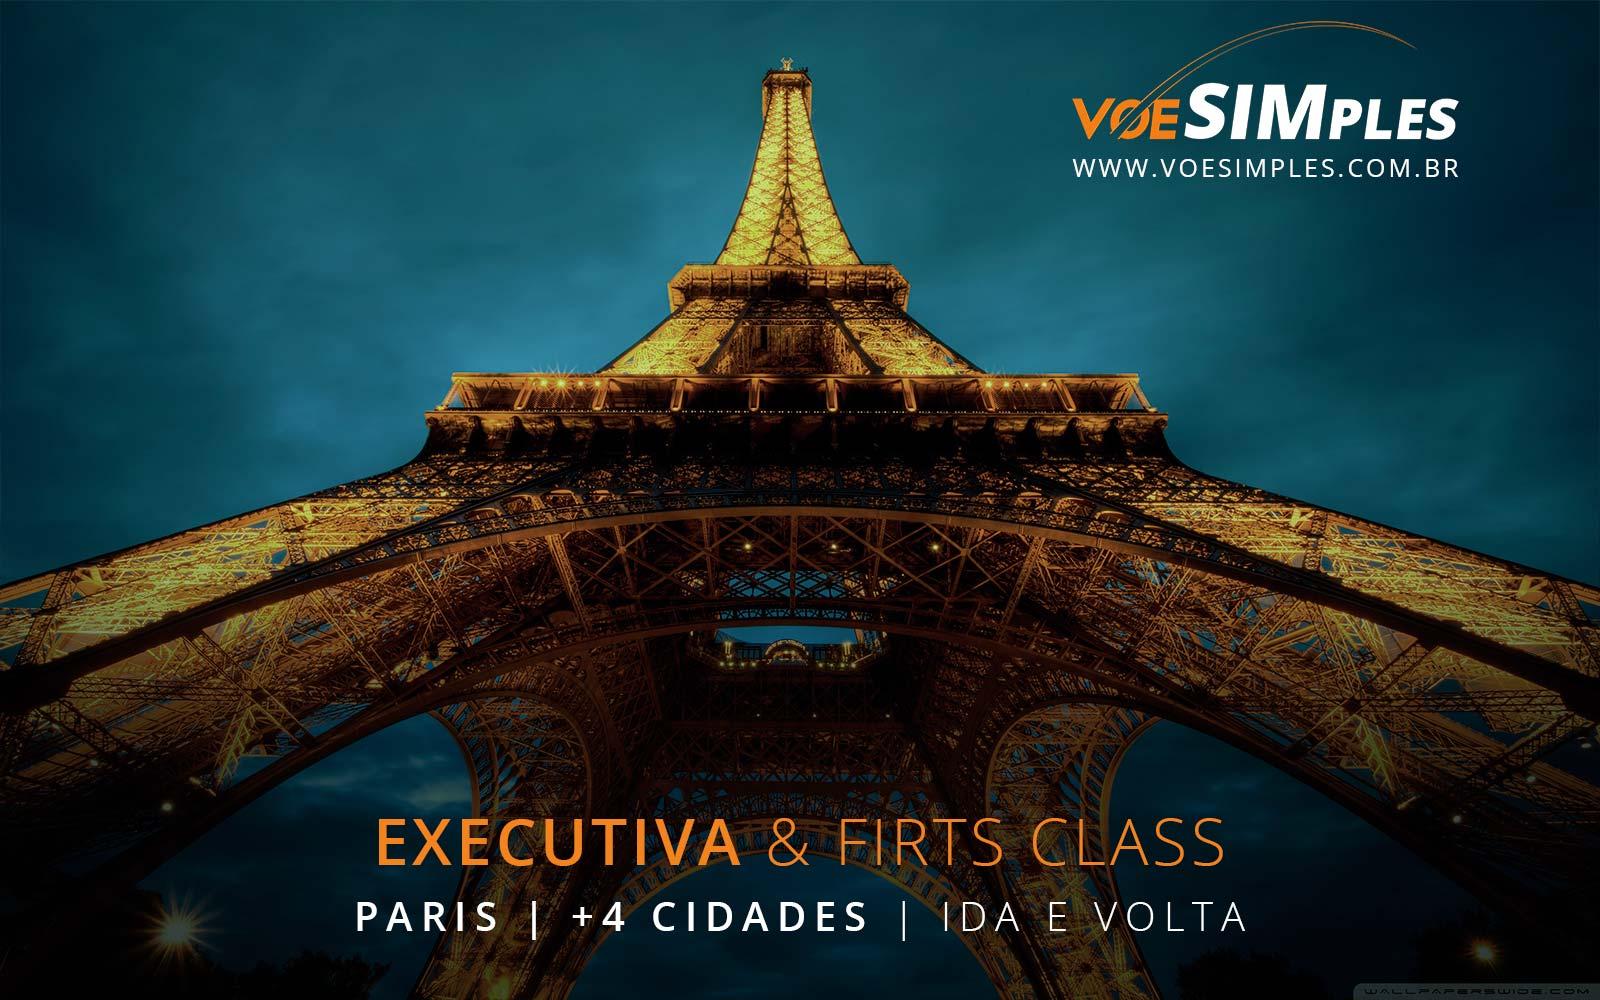 Passagens aéreas em Classe Executiva para Barcelona, Paris, Frankfurt, Madri e Milão na Europa